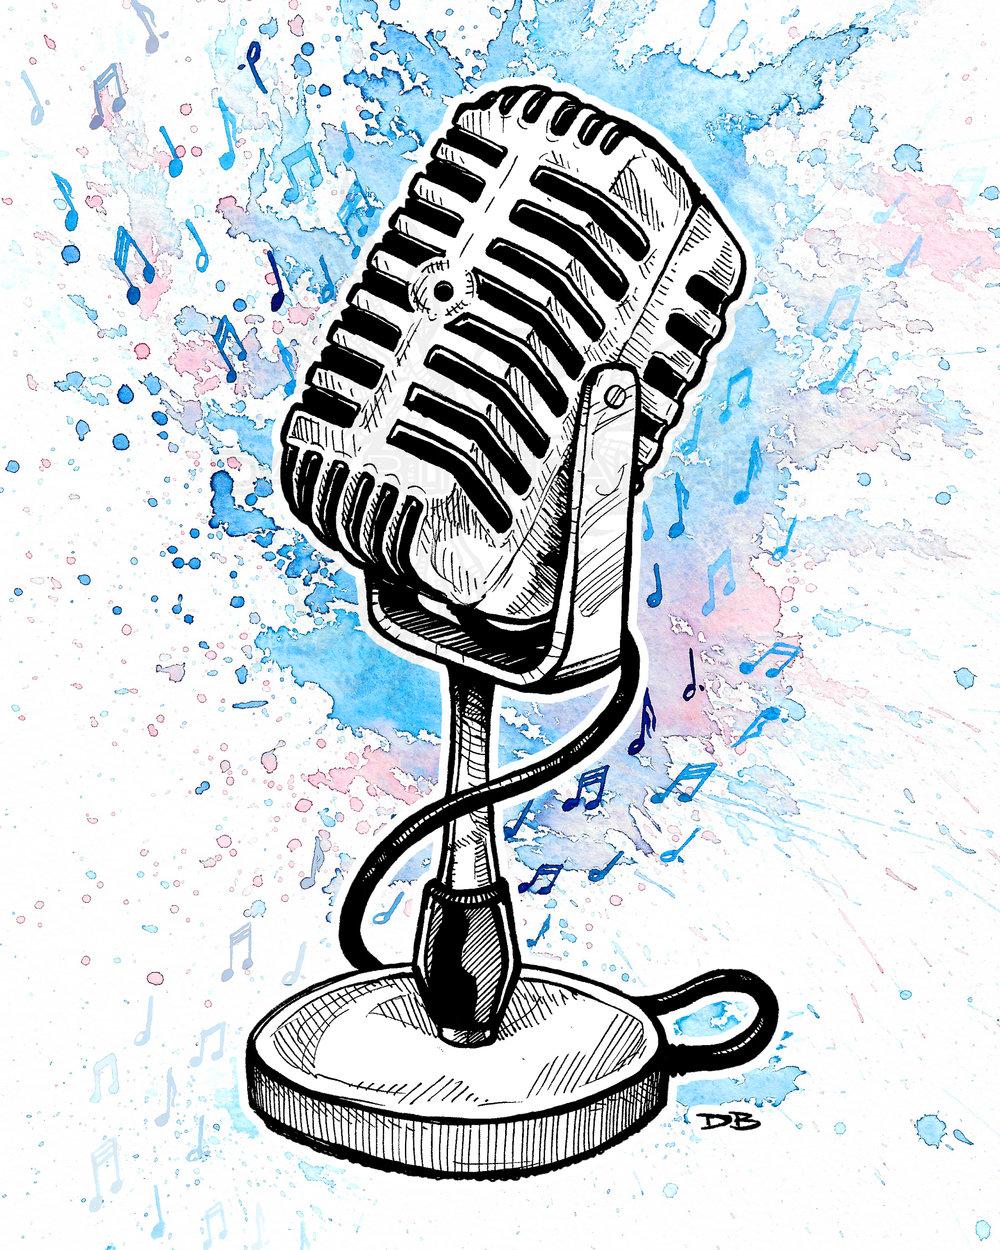 Vintage Microphone (Splash)